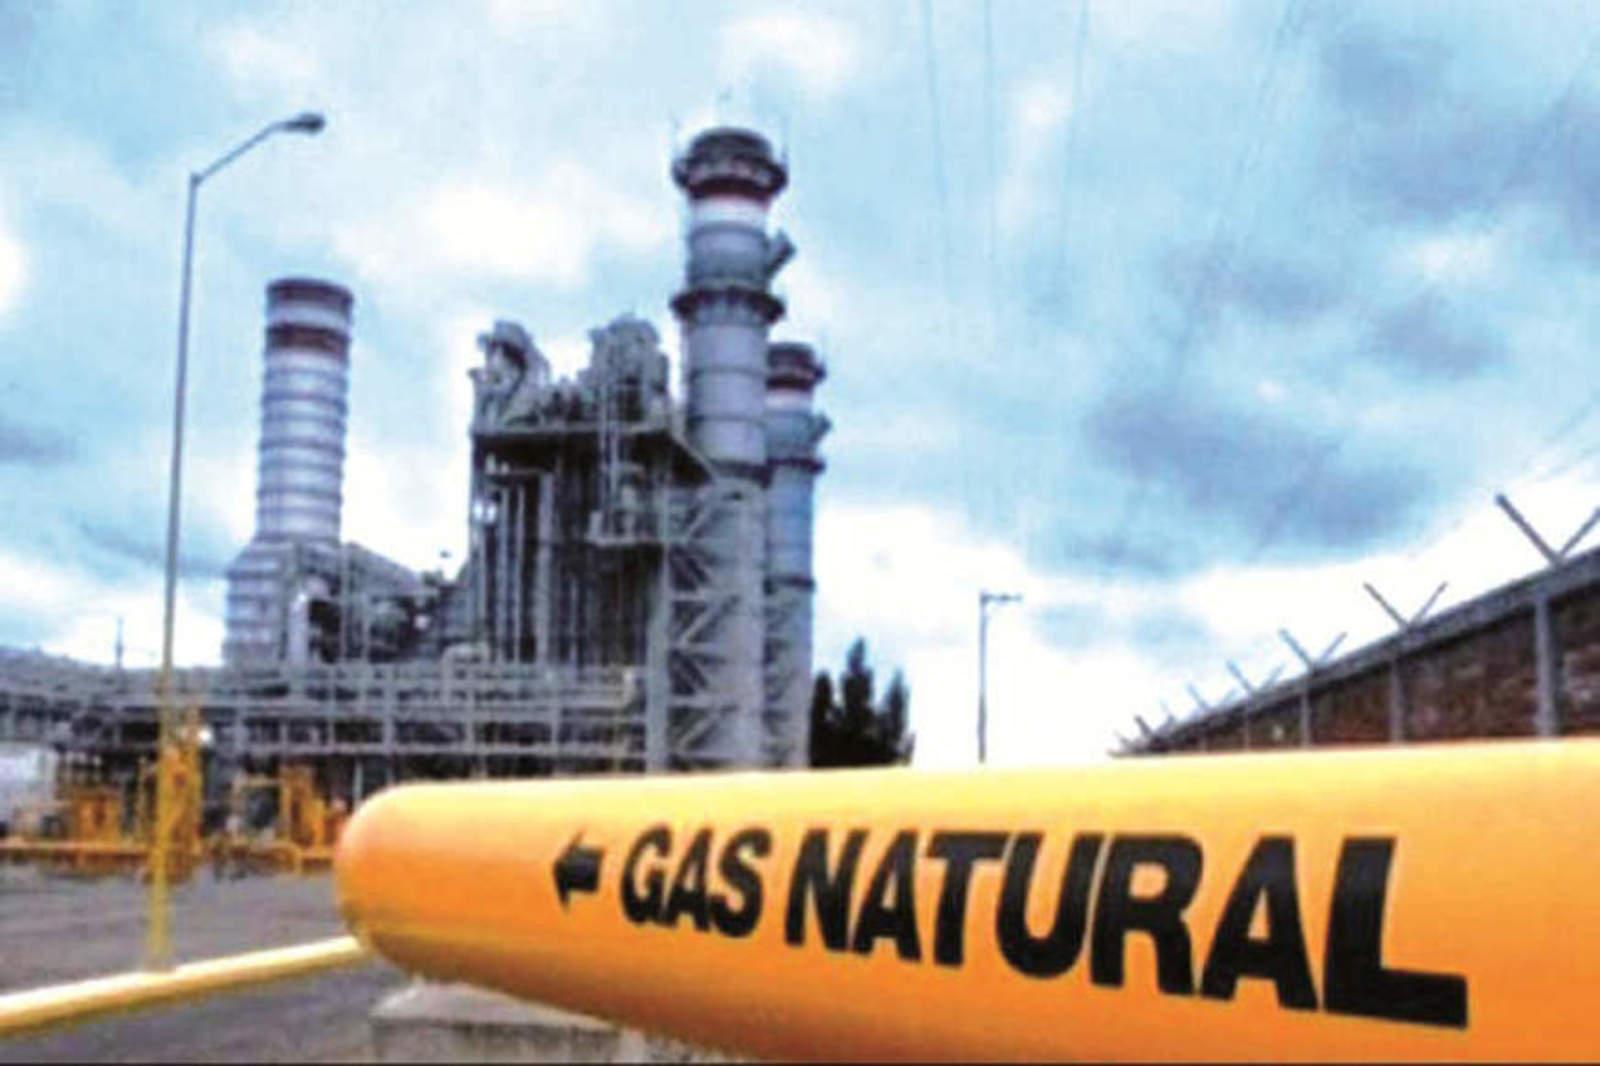 Instalan gas natural en siete centros de menores de la provincia de Buenos Aires – Revista Petroquimica, Petroleo, Gas, Quimica & Energia